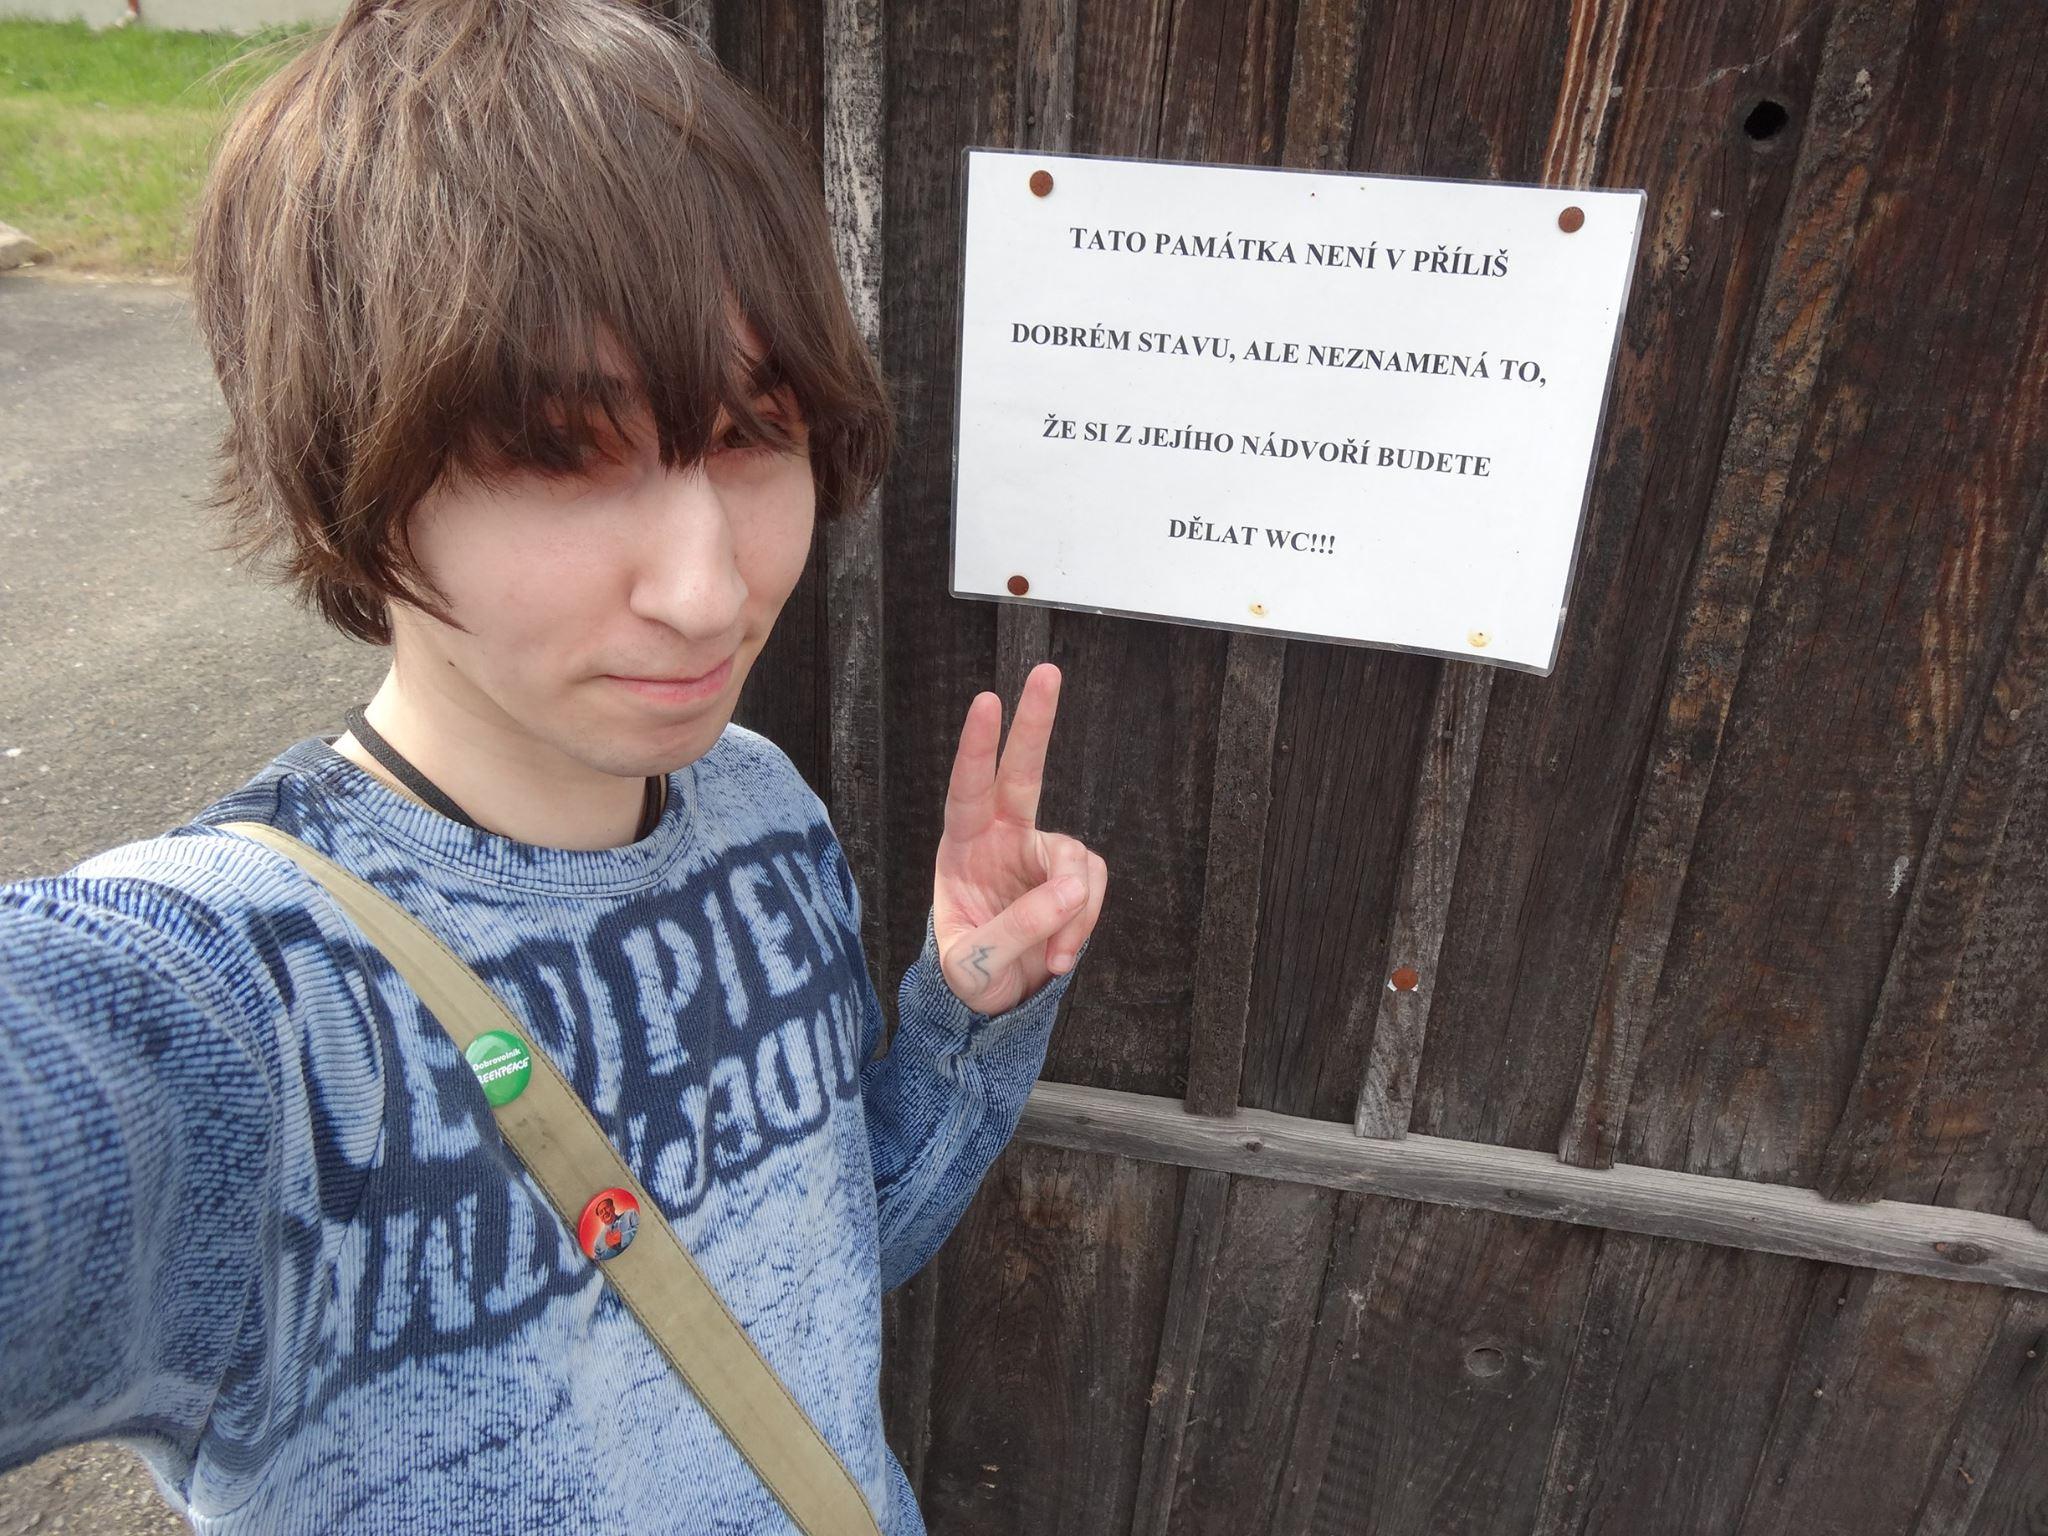 wc sign peace hikaru tenshin hokonono